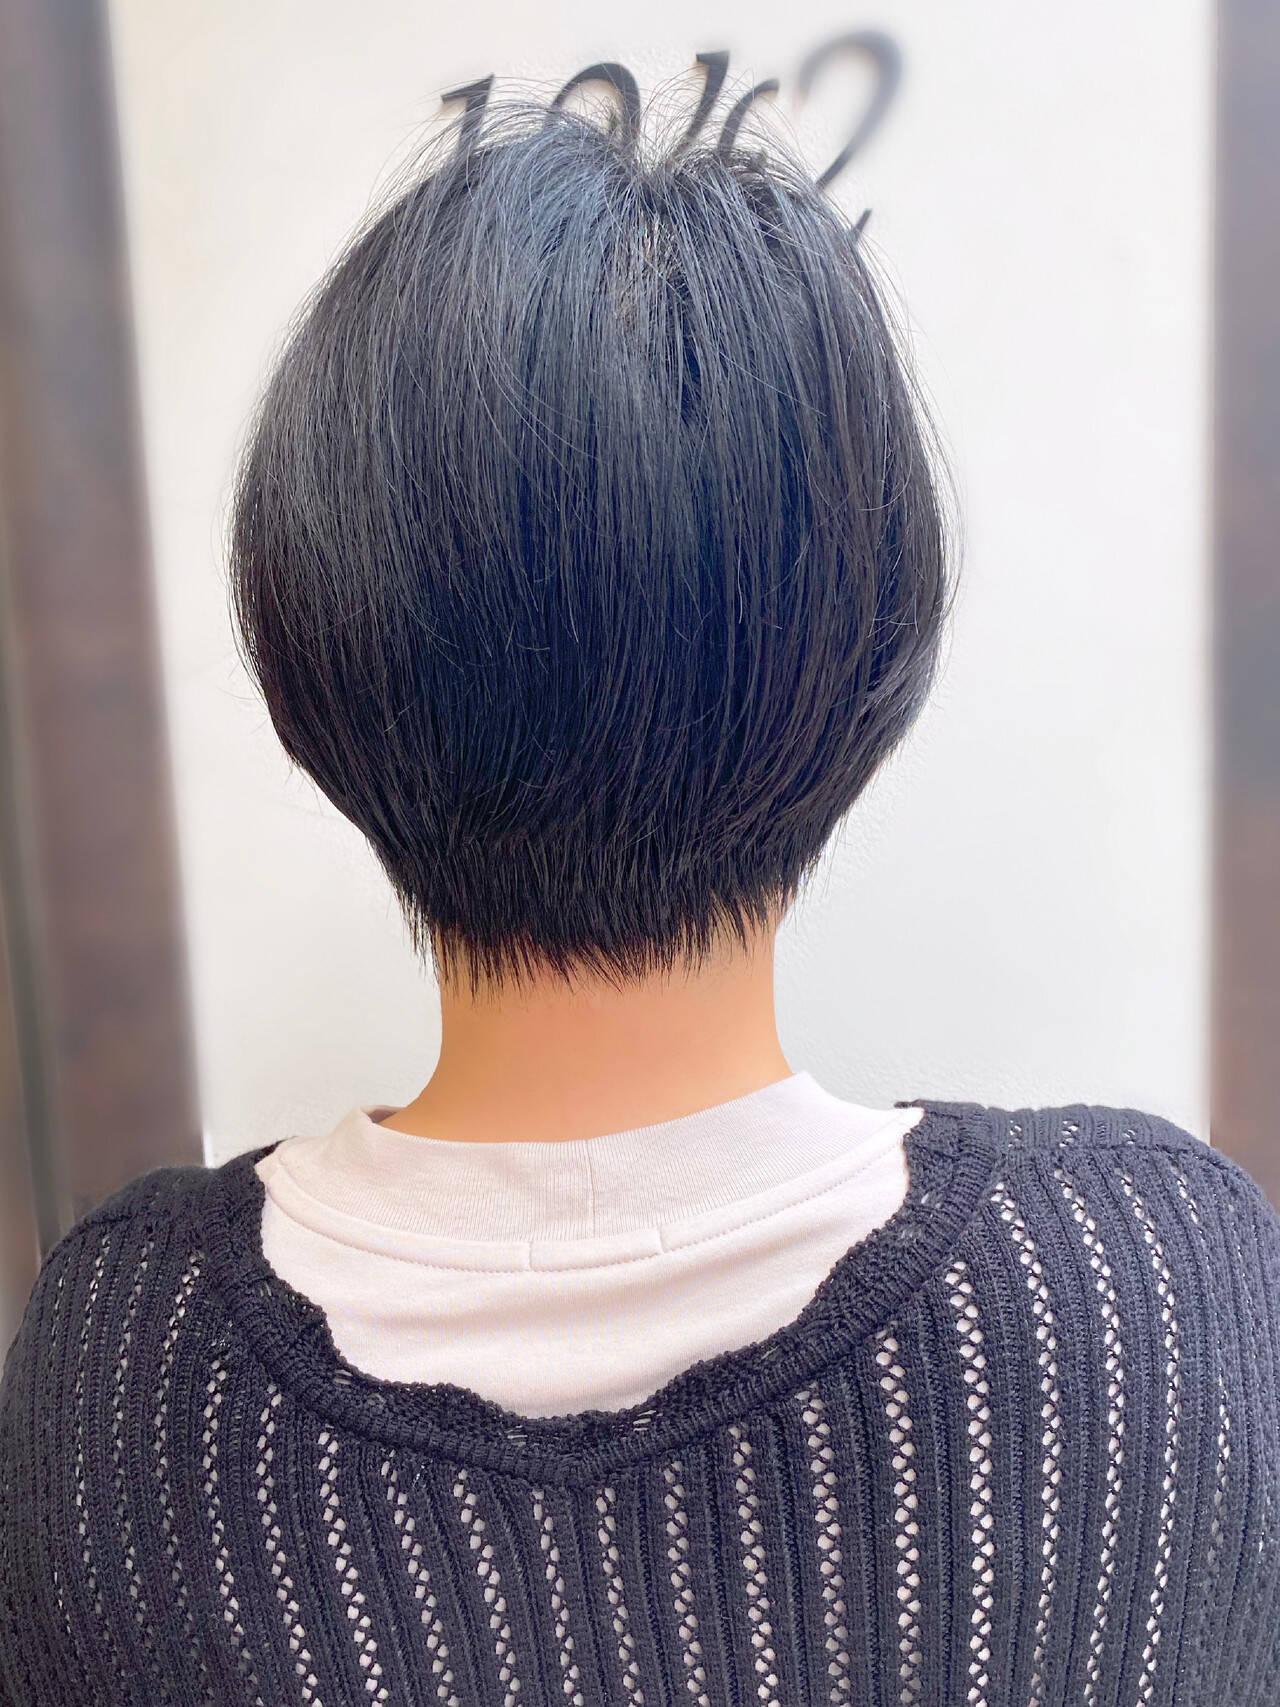 ショートヘア ショートボブ 簡単スタイリング 大人かわいいヘアスタイルや髪型の写真・画像